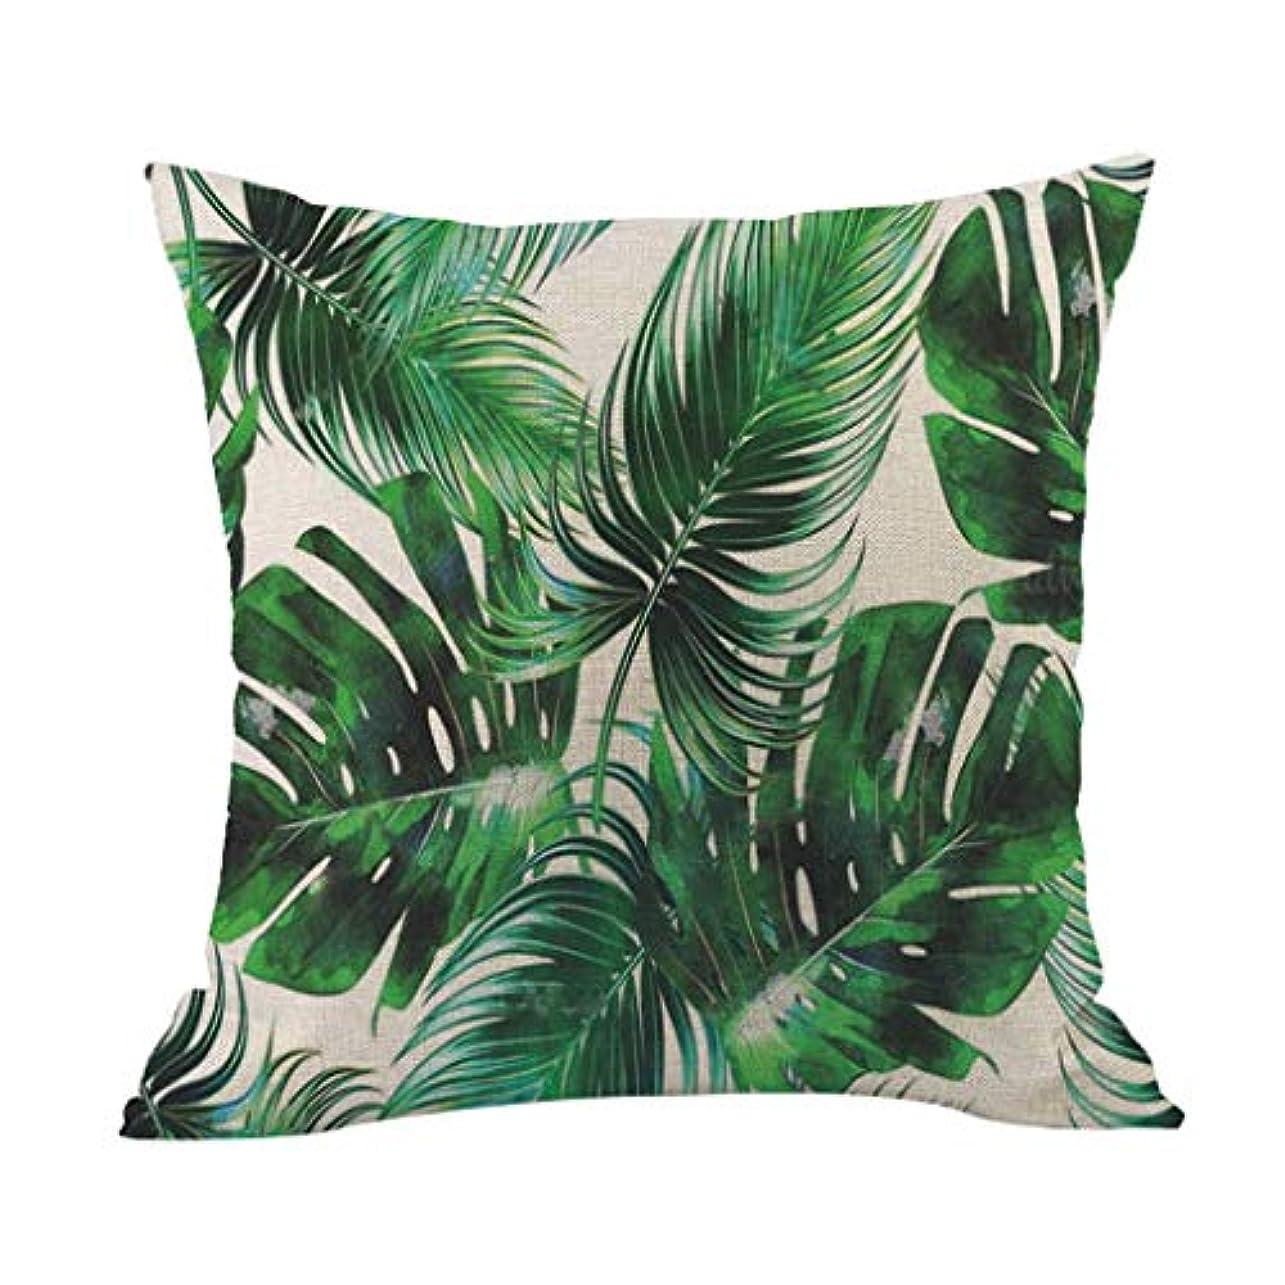 悪用準備した完璧LIFE 高品質クッション熱帯植物ポリエステル枕ソファ投げるパッドセットホーム人格クッション coussin decoratif クッション 椅子